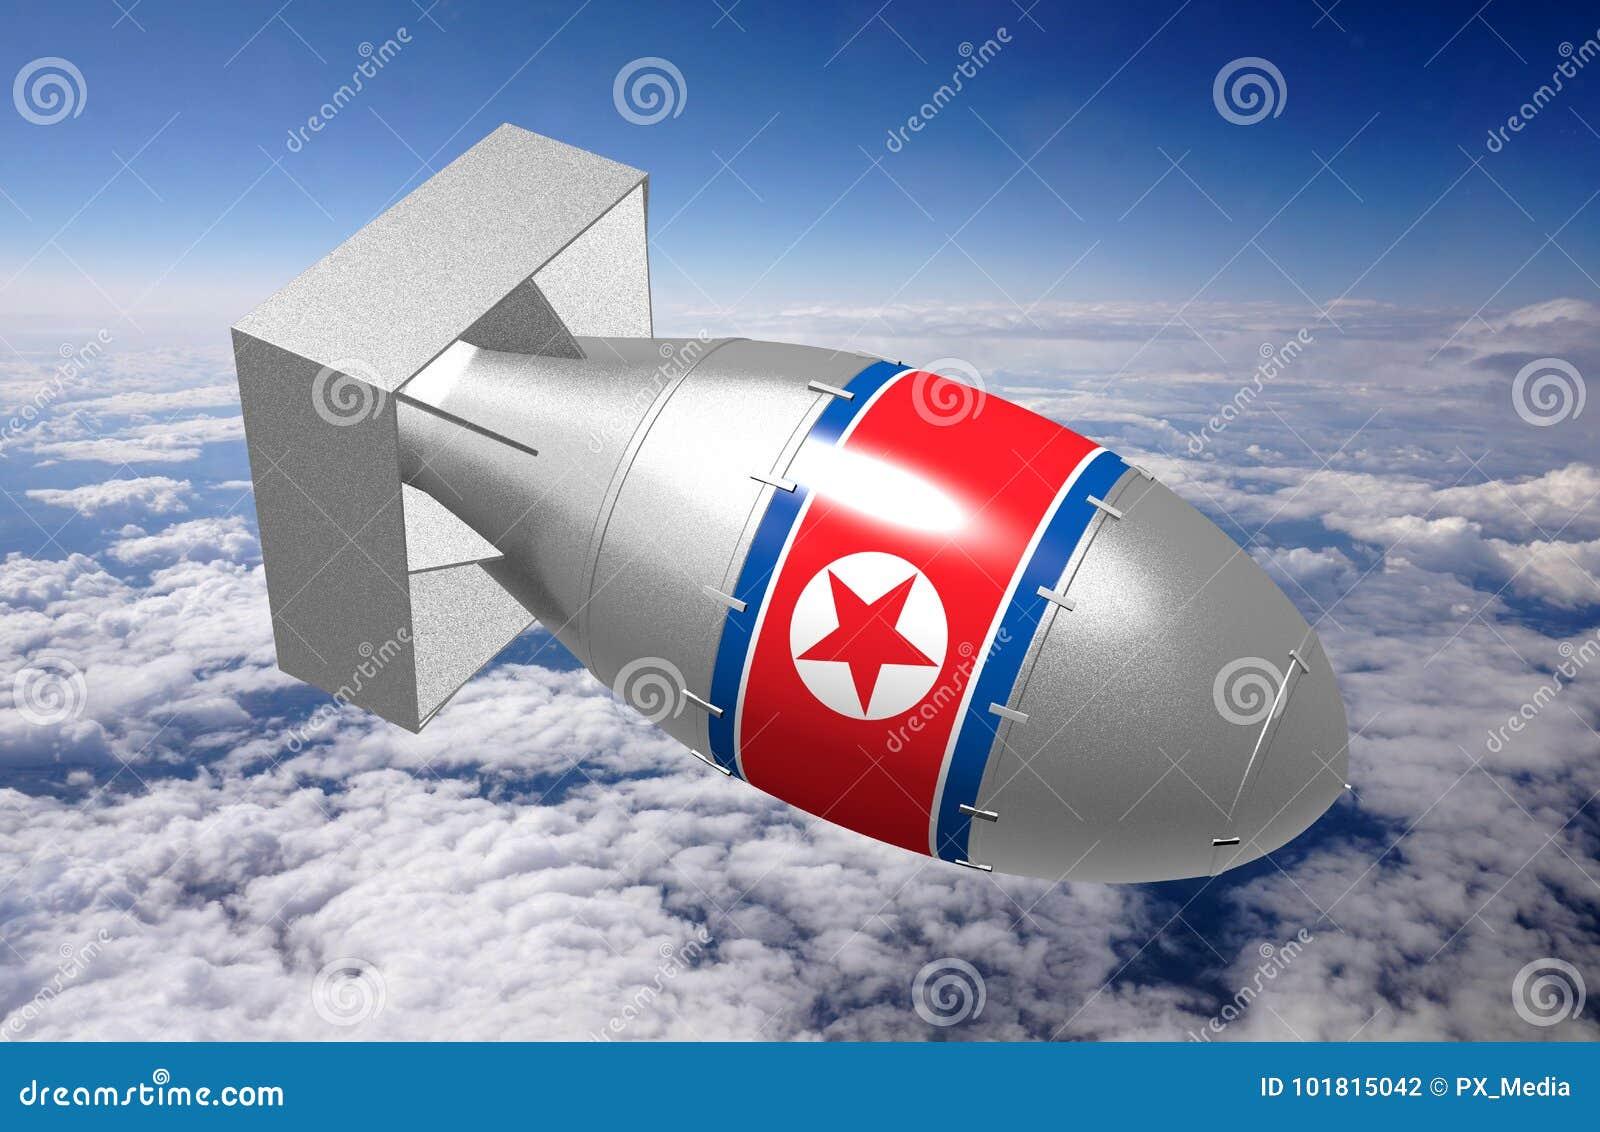 Путін передав Кім Чен Ину таємне послання - Цензор.НЕТ 9067